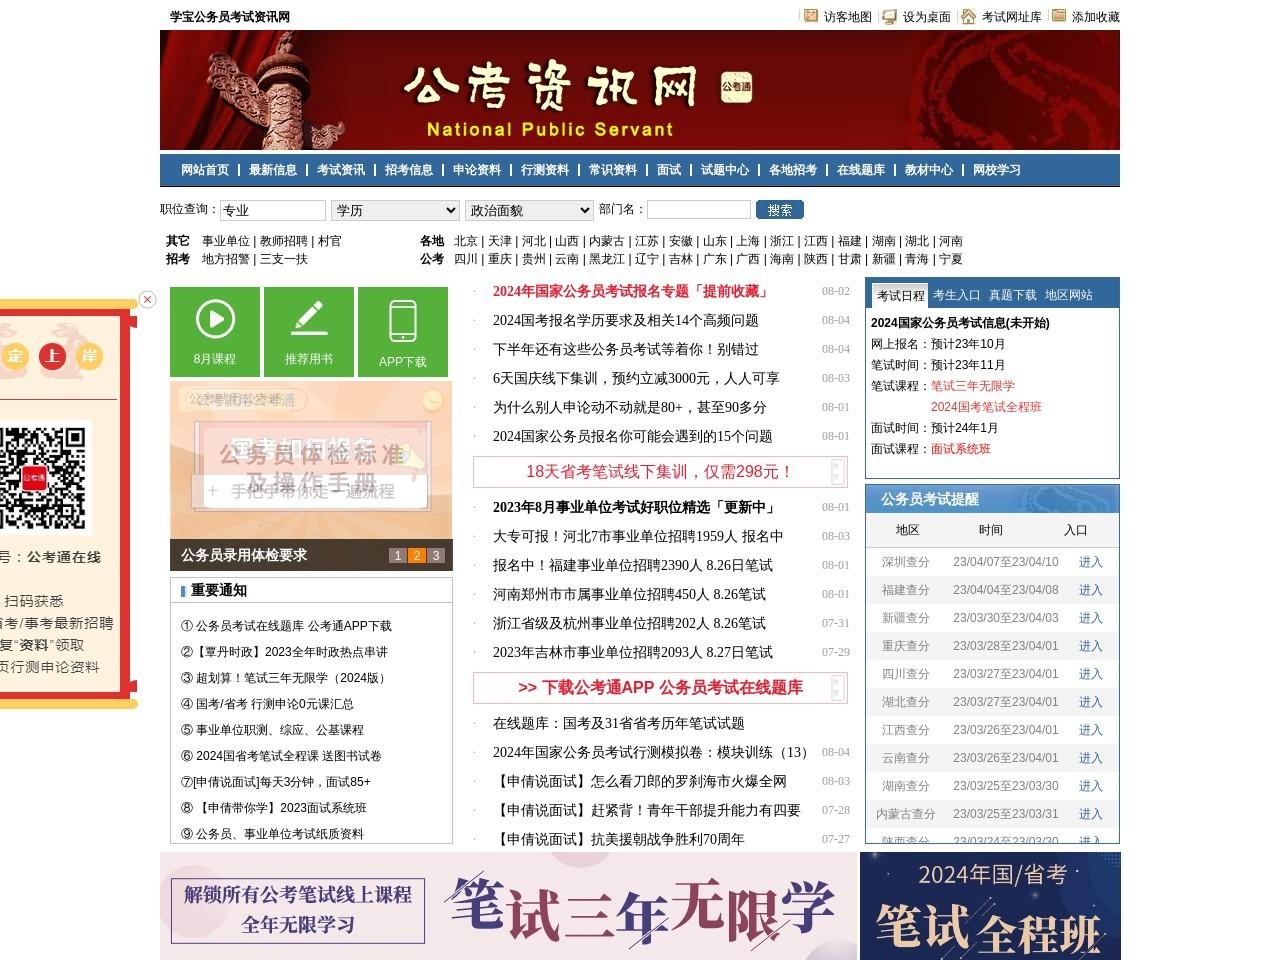 公务员考试网_2022年国家公务员考试报名时间